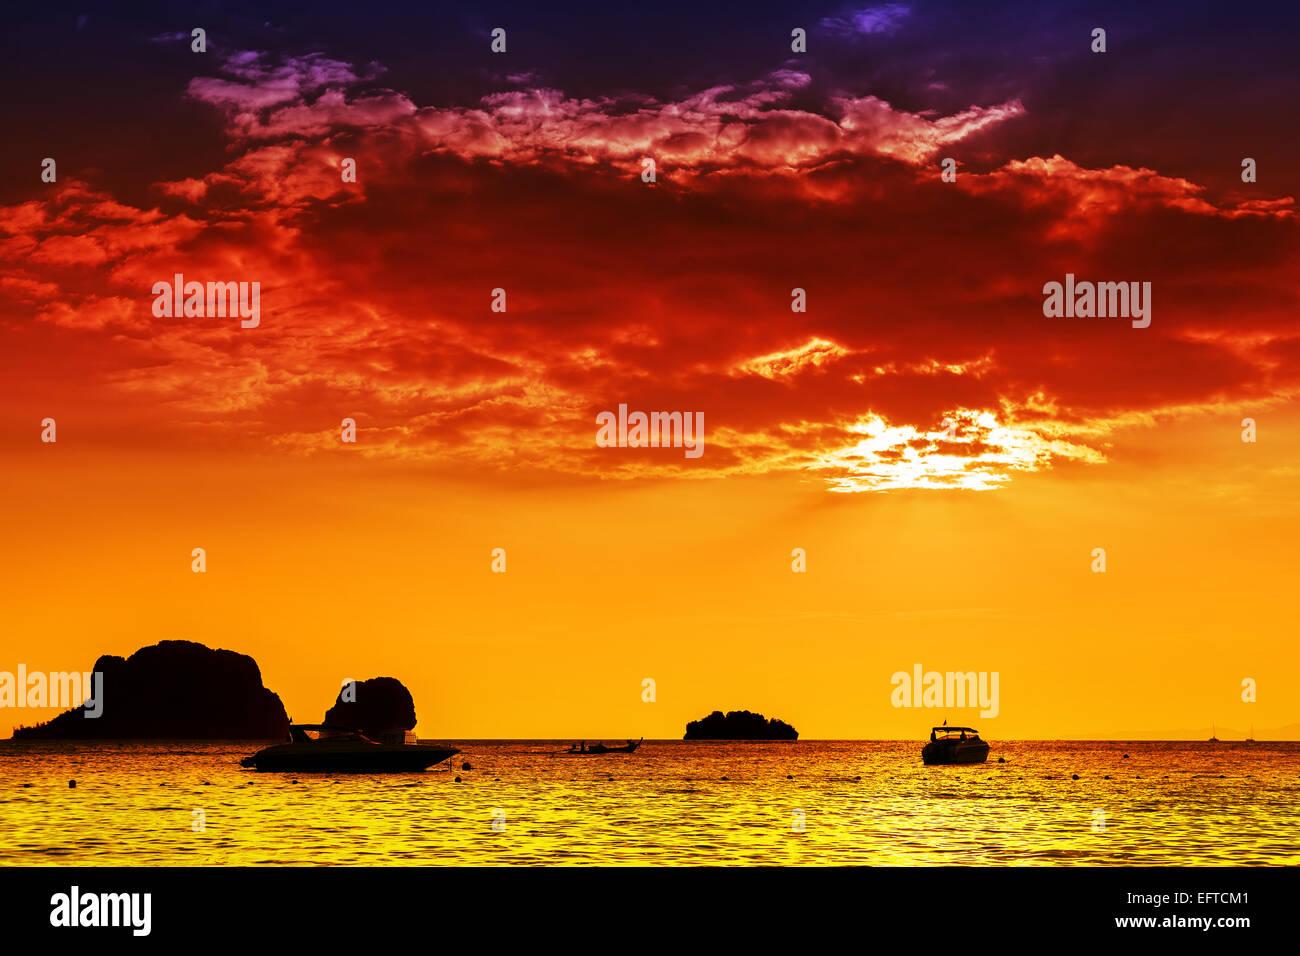 Intensive Farben Sonnenuntergang über Meer, Natur Hintergrund. Stockbild